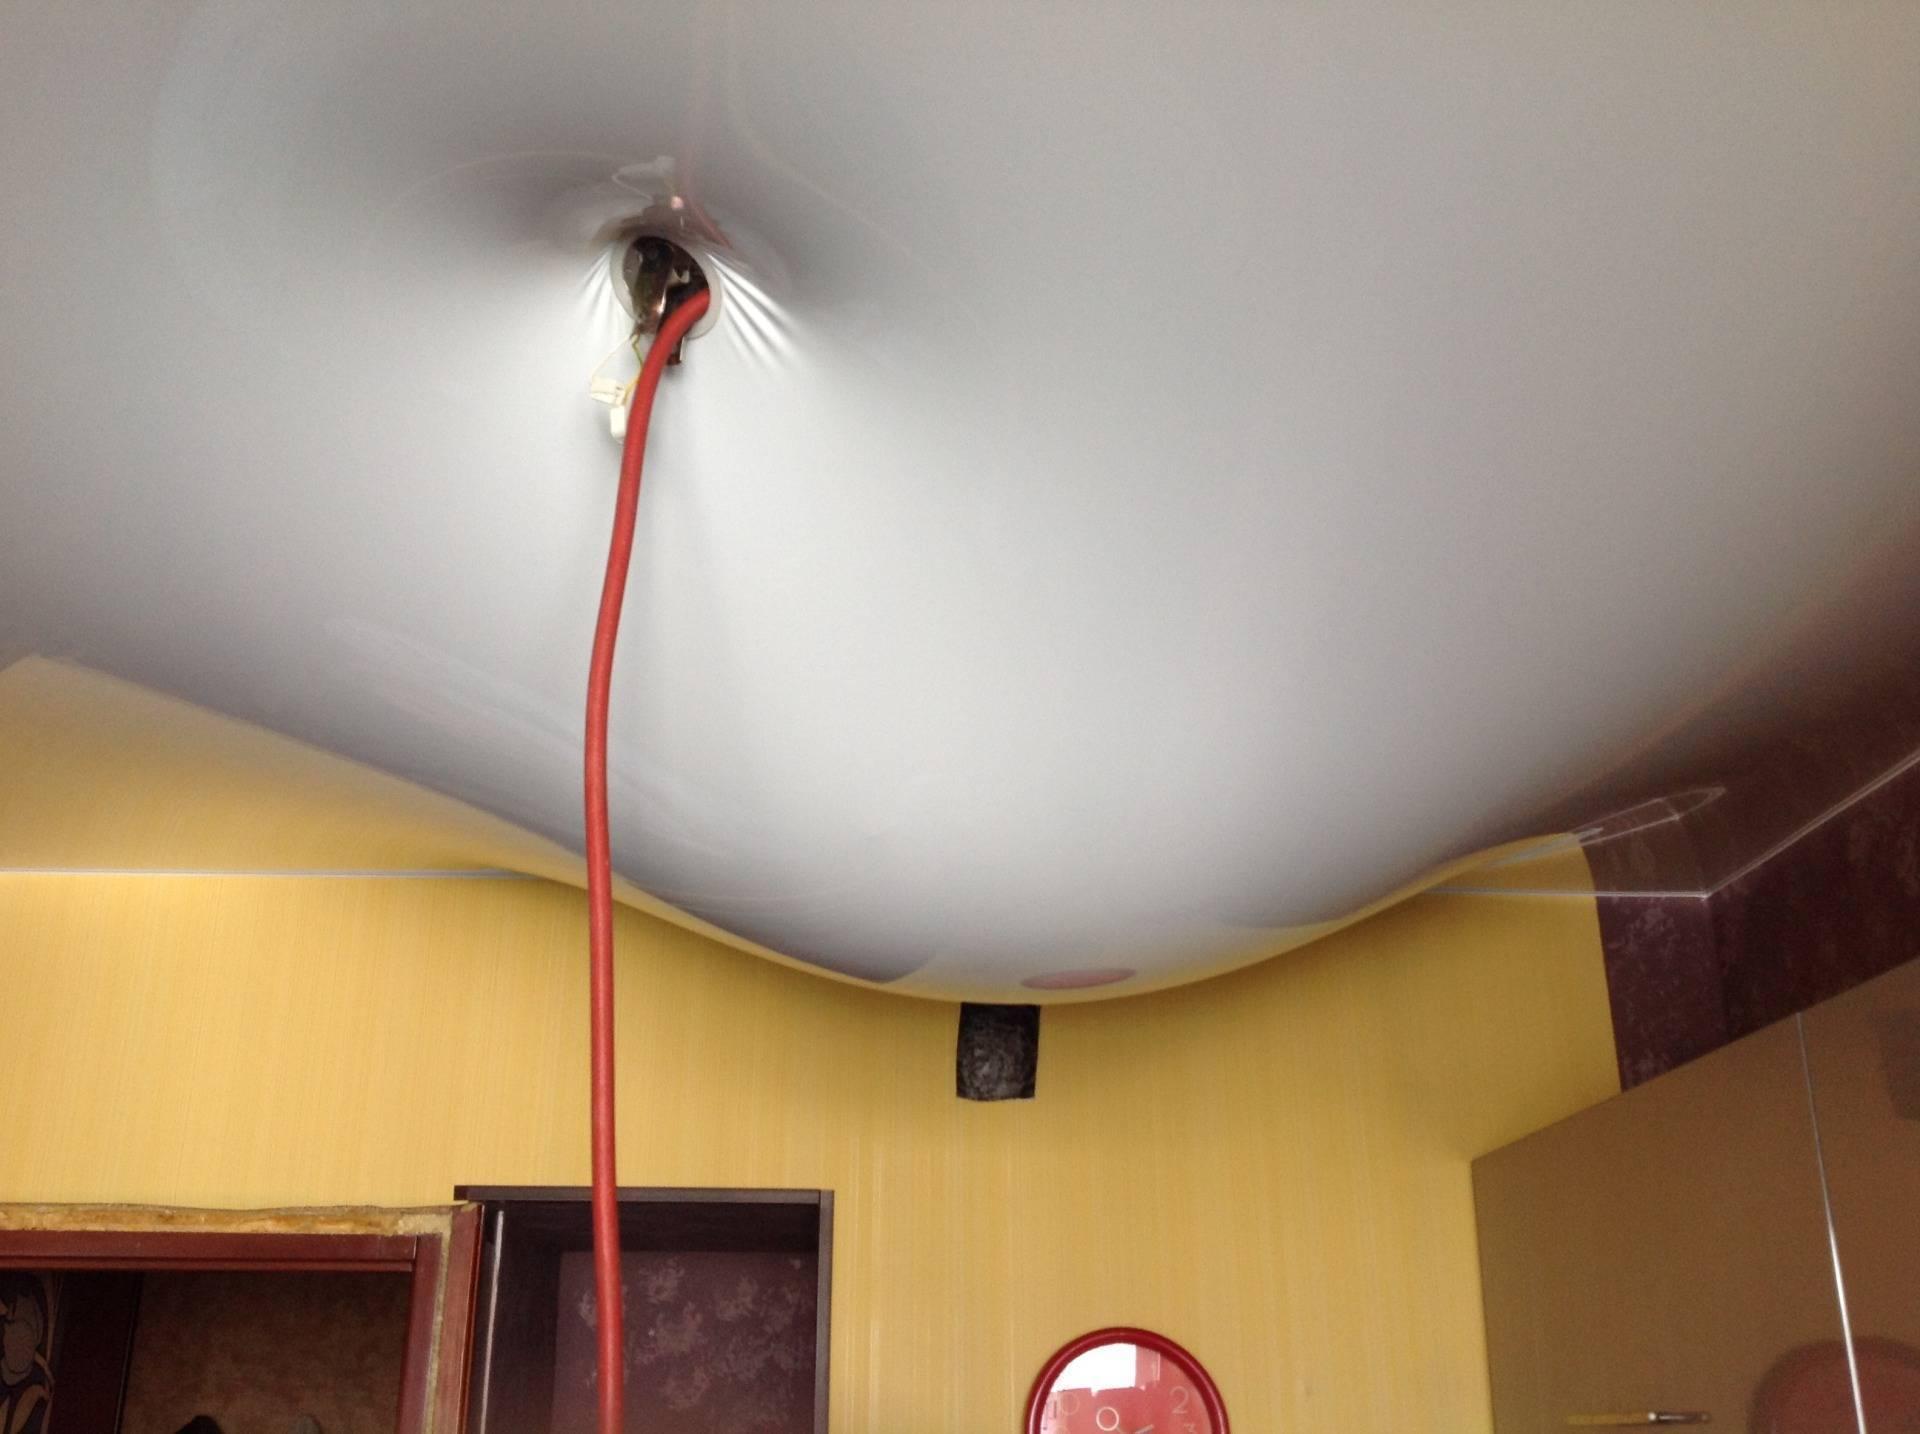 Провис натяжной потолок в квартире: ремонт глянцевого и монтаж, замена и перетяжка